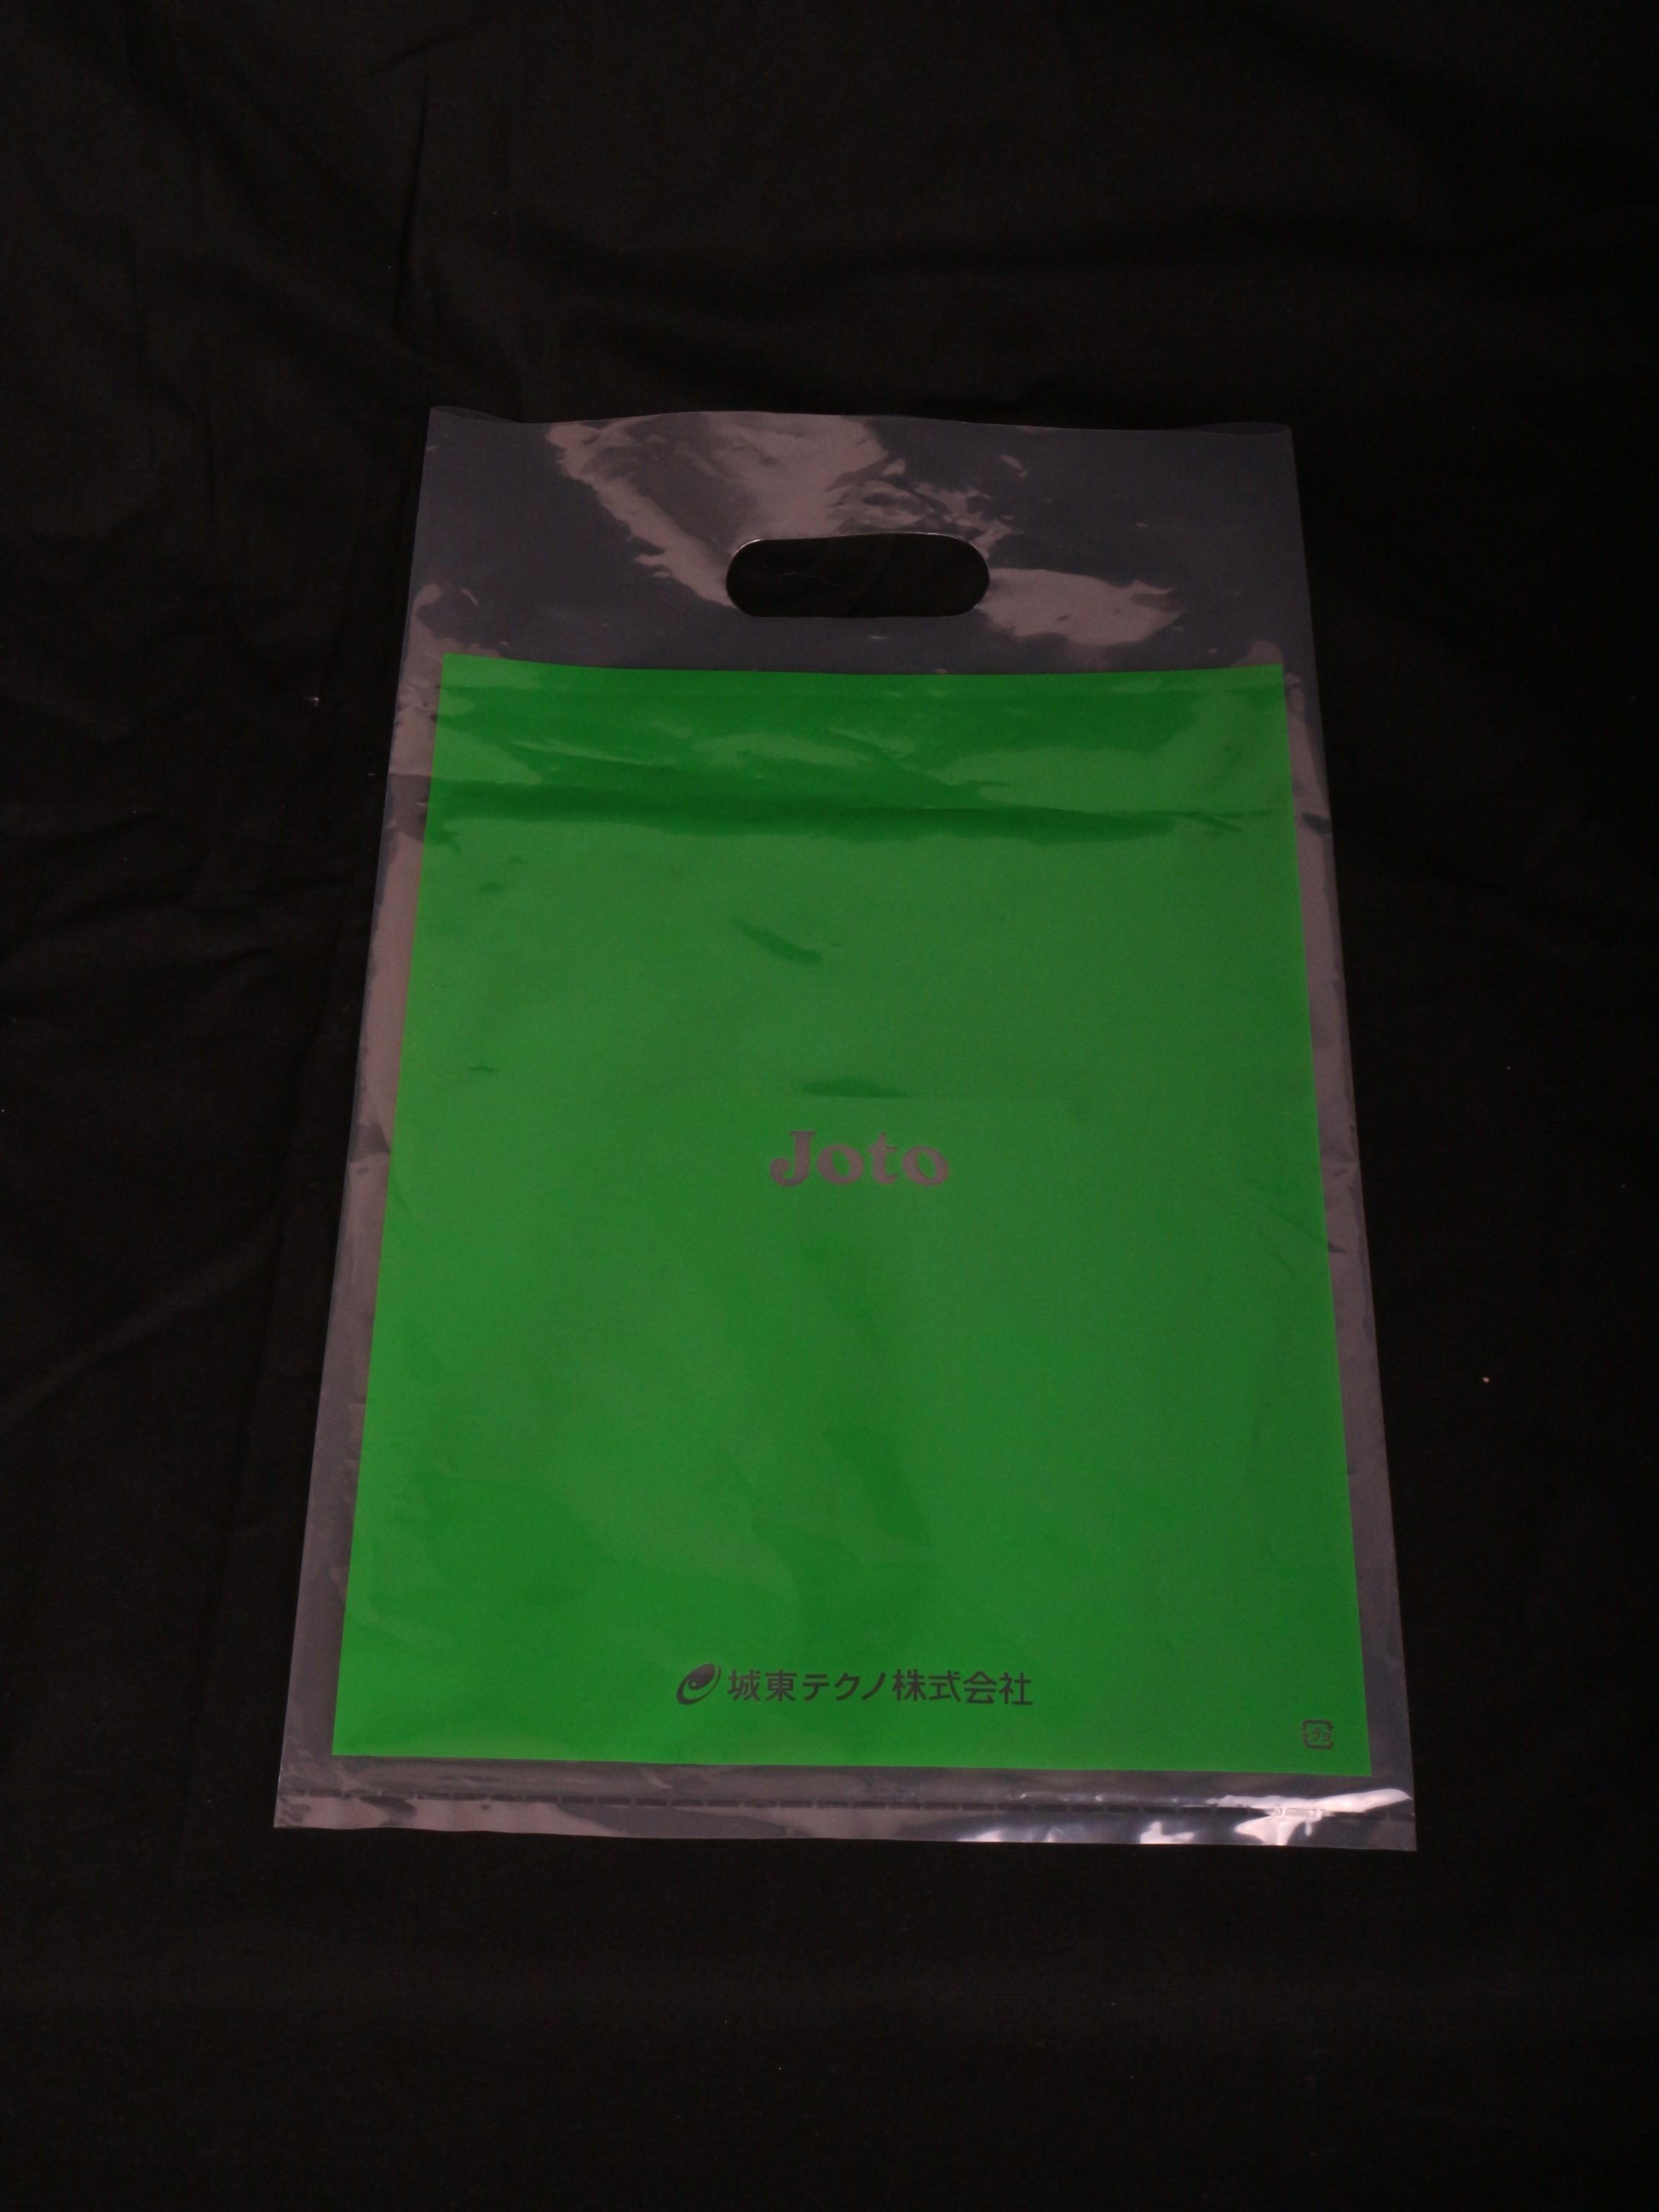 住宅建材企業様のイベント用オリジナルビニール袋